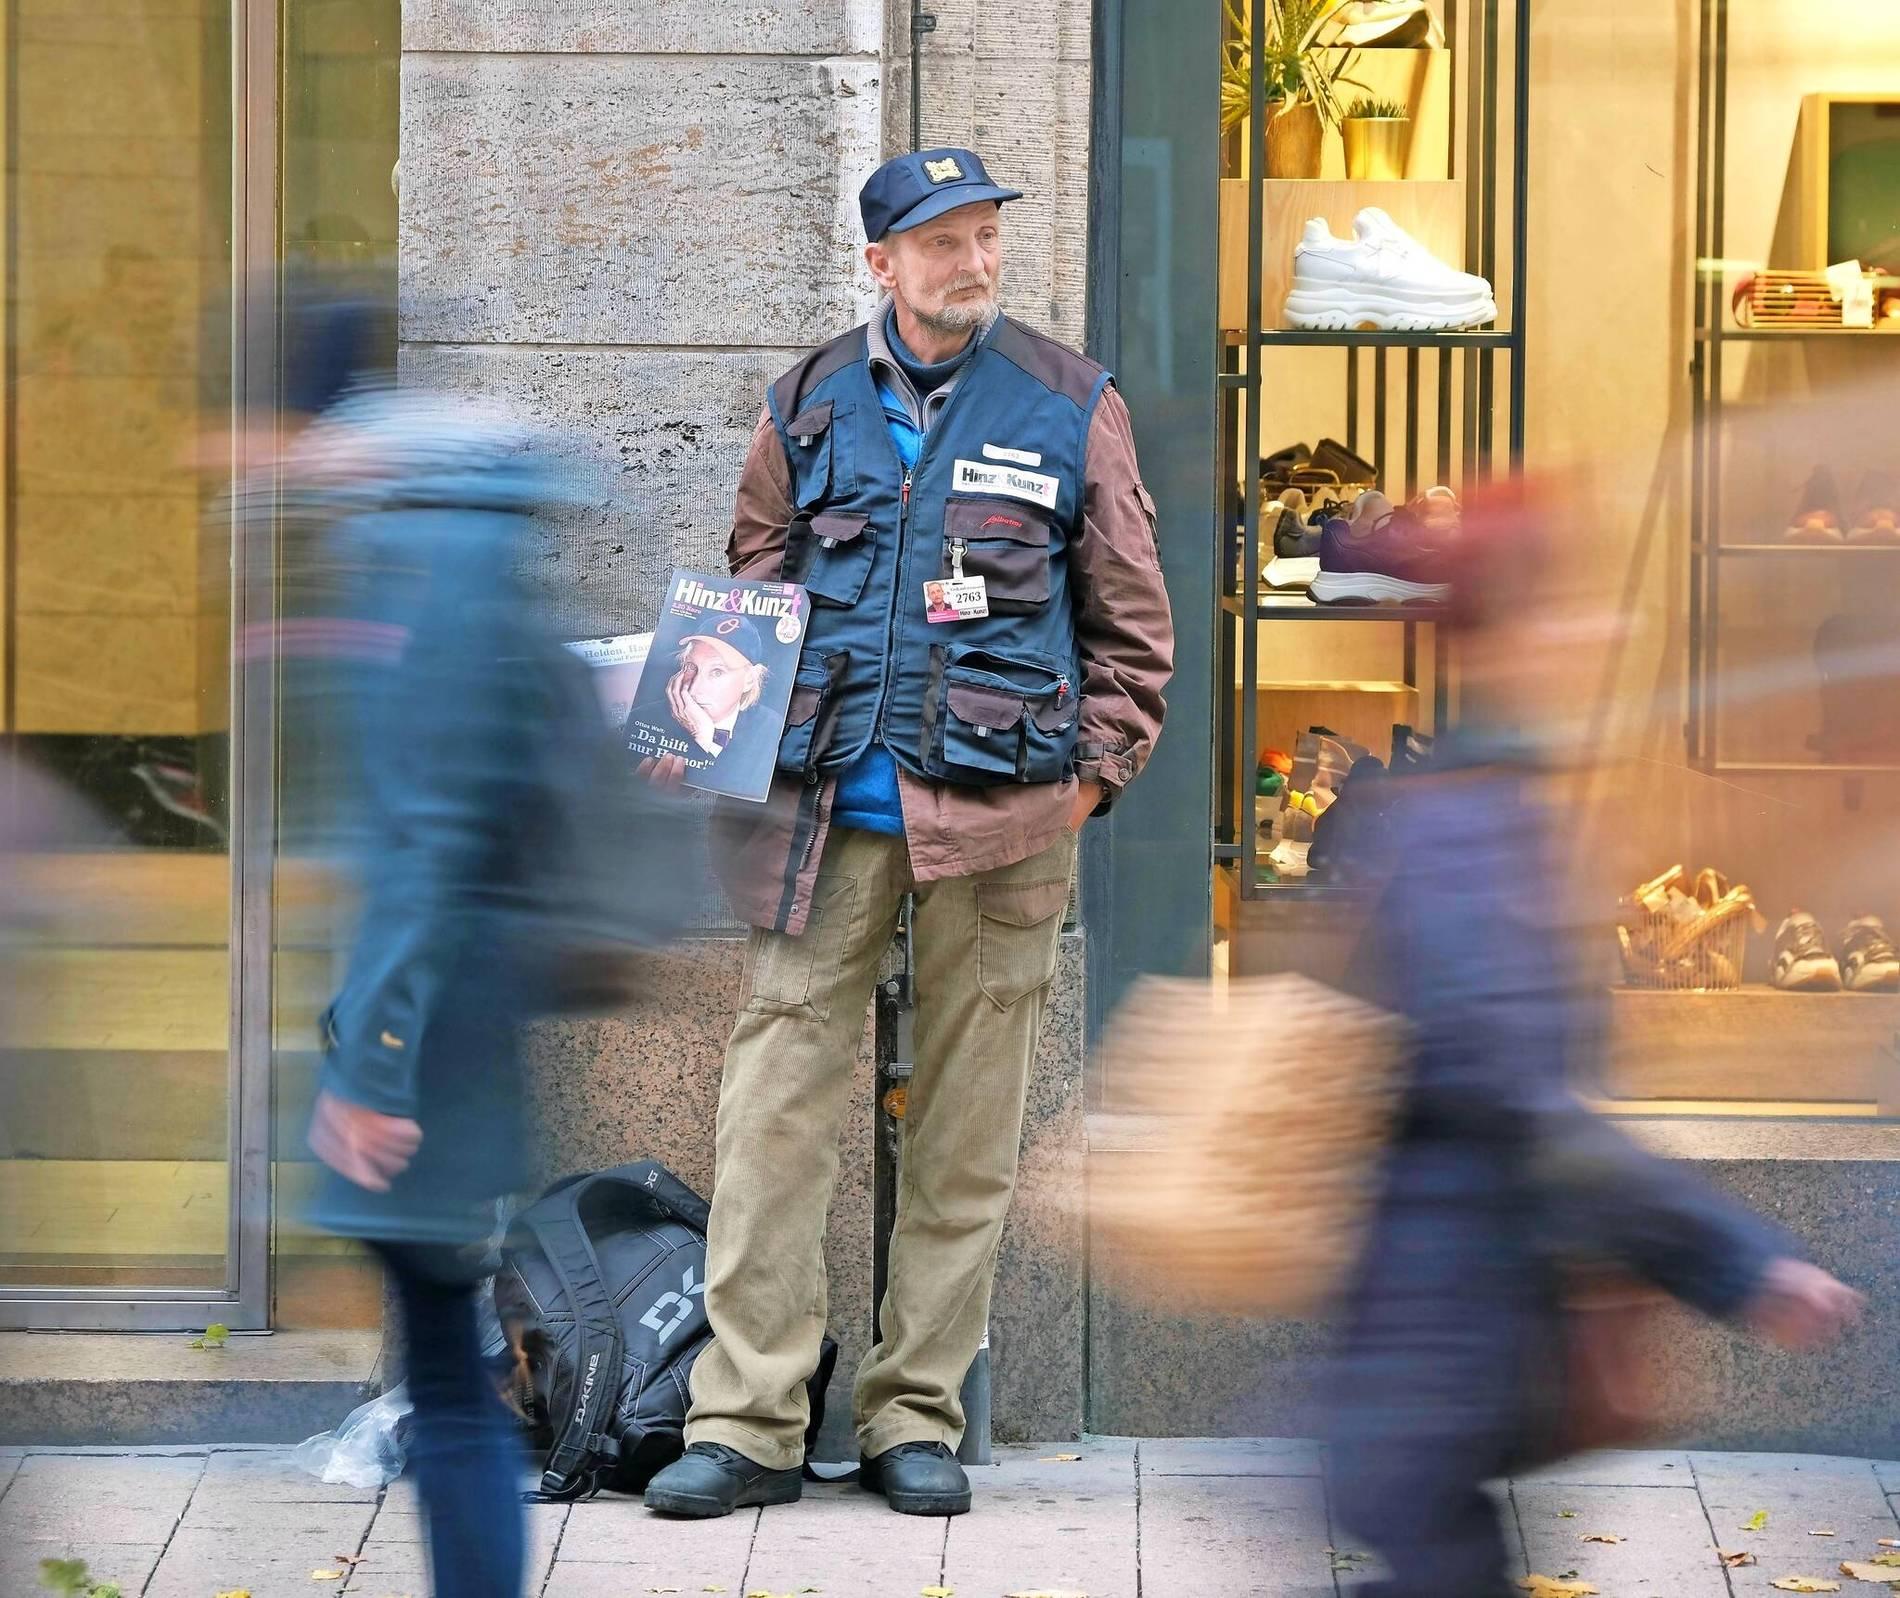 Streetworker Zeitung